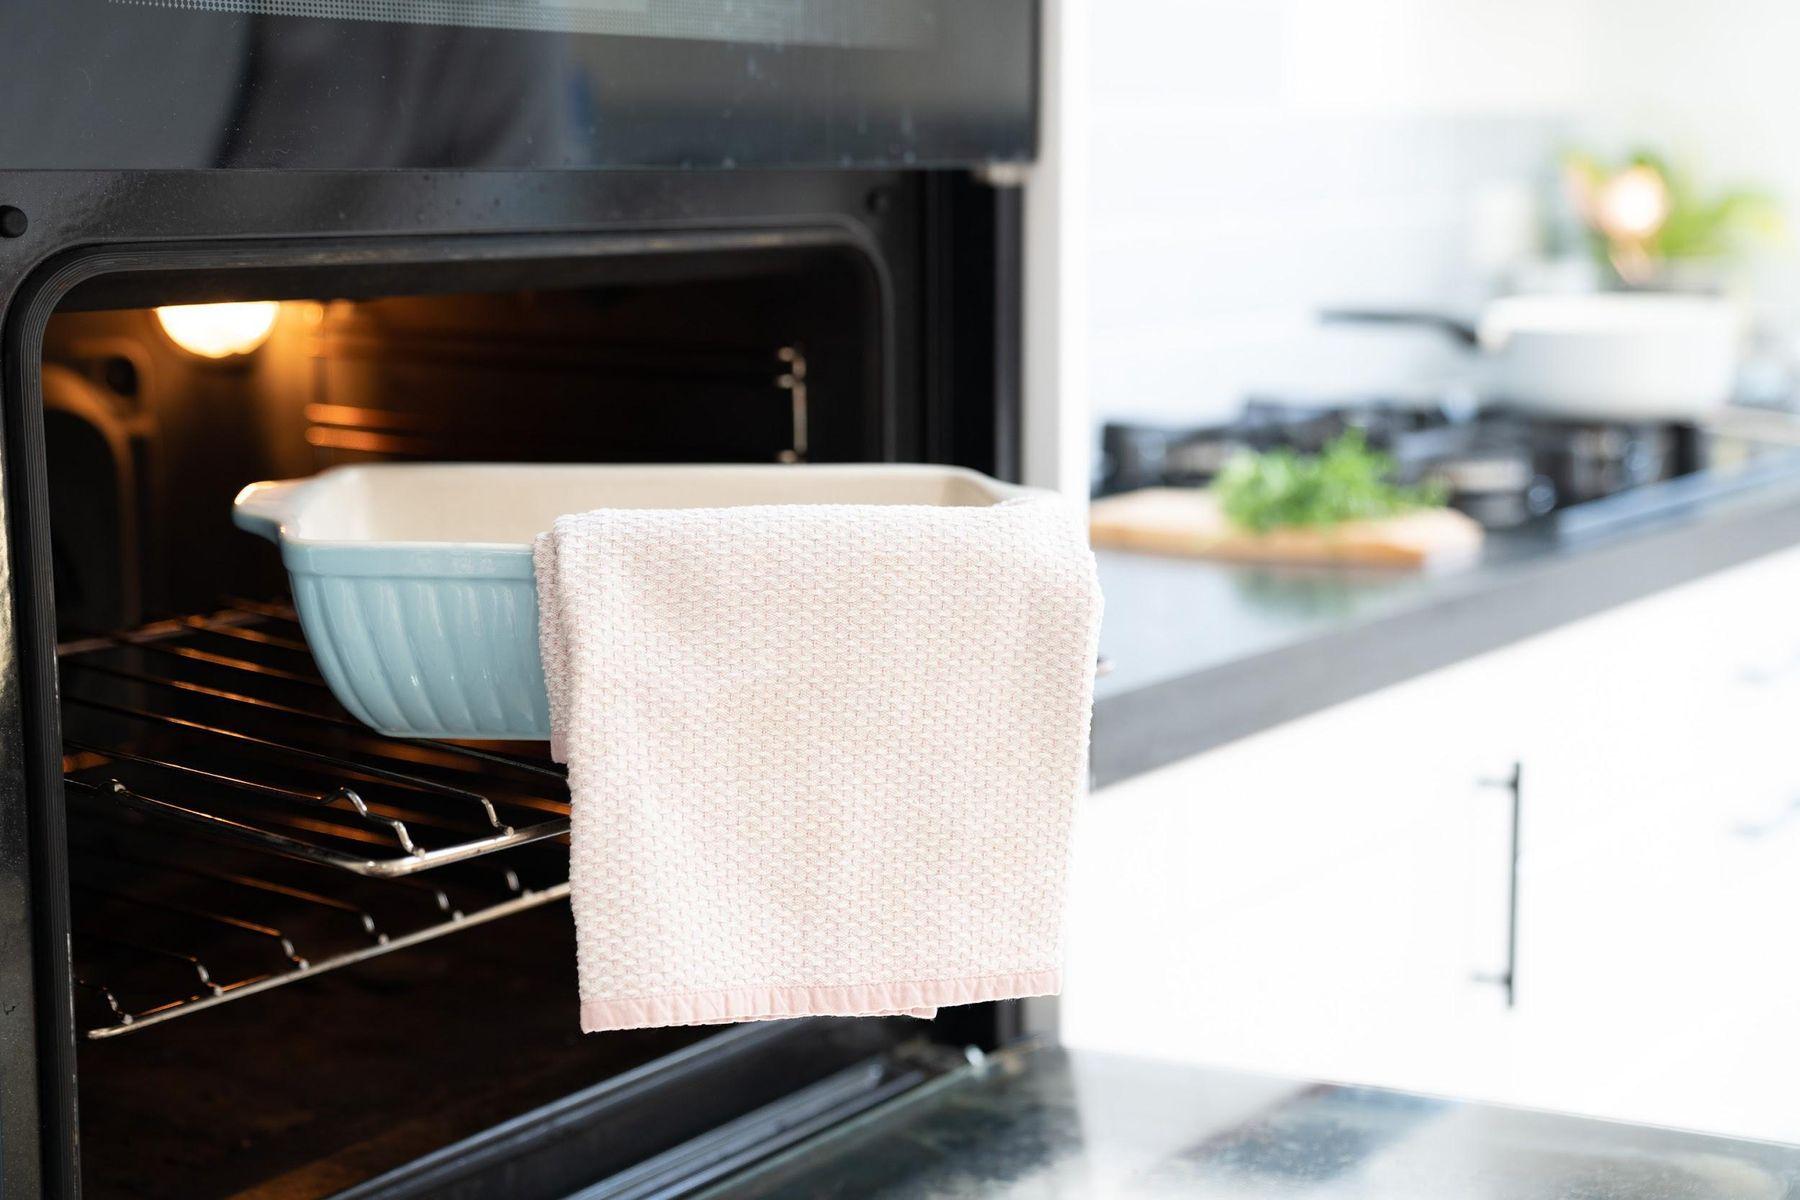 Forno aberto com vasilha de porcelana na prateleira e um pano pendurado